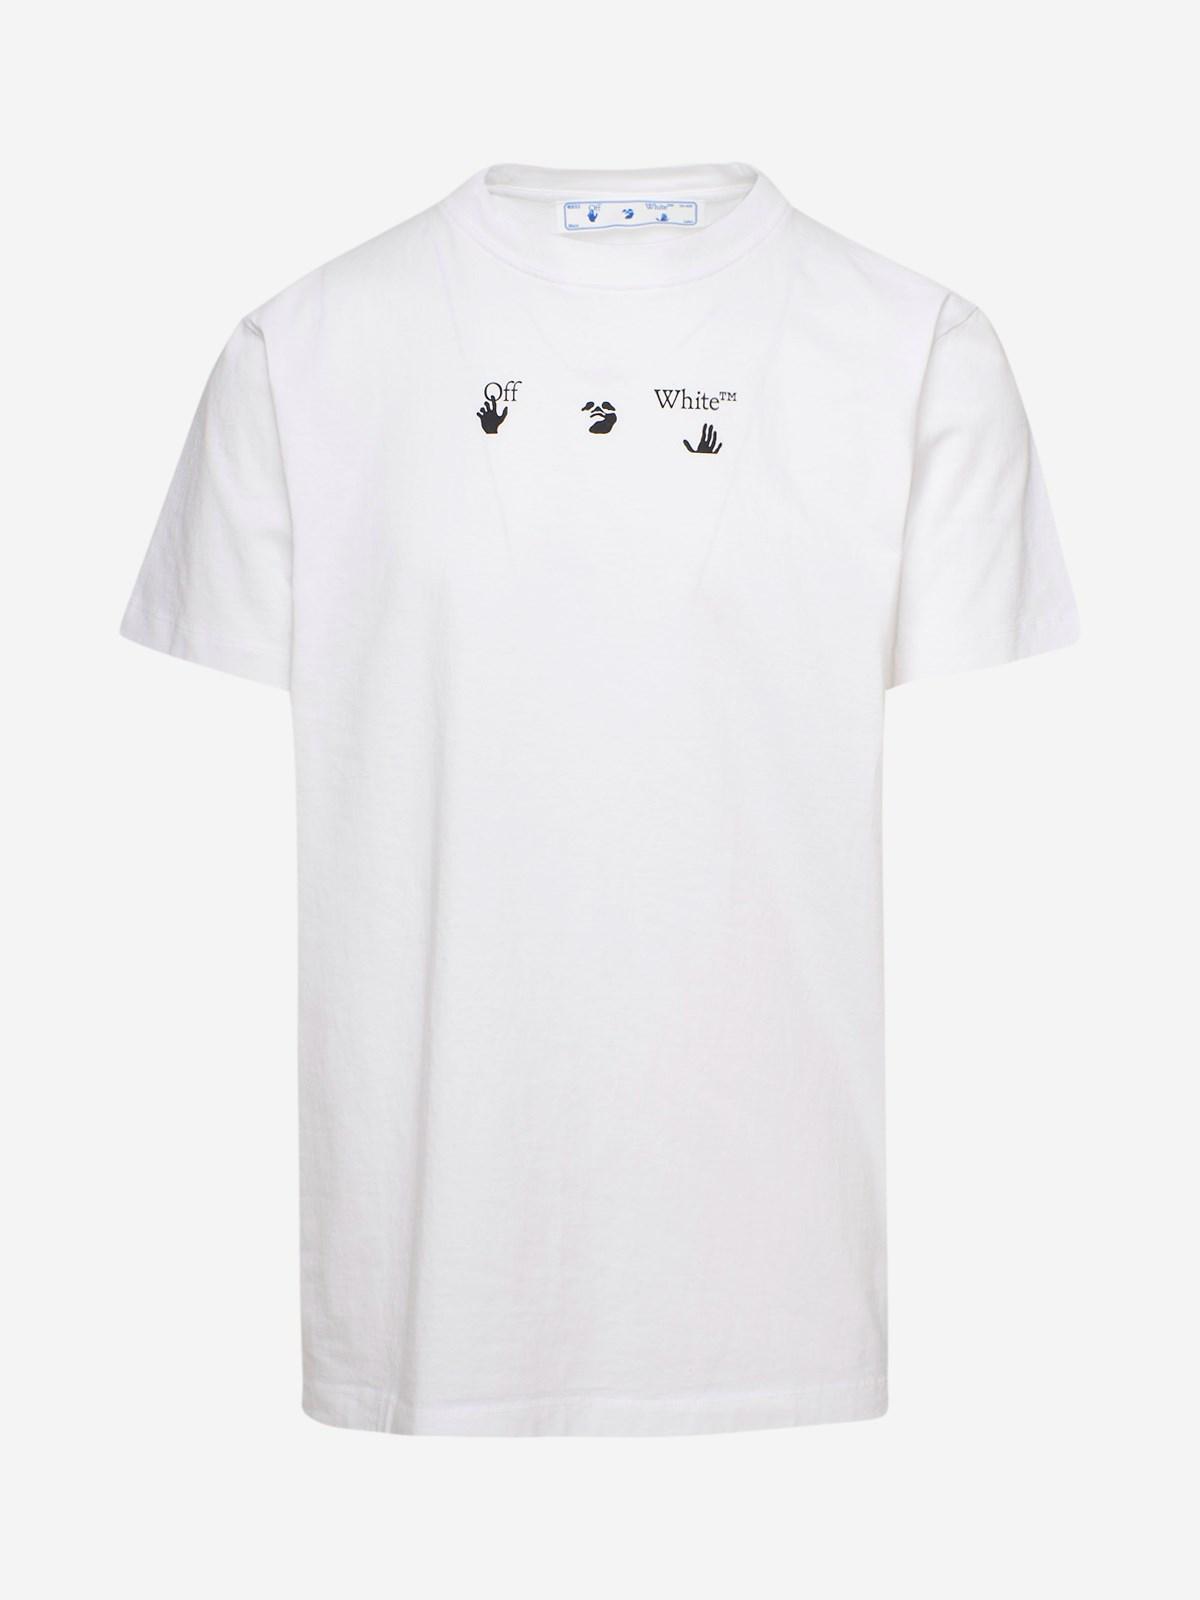 Off-White T-SHIRT BOLT ARROW BIANCA